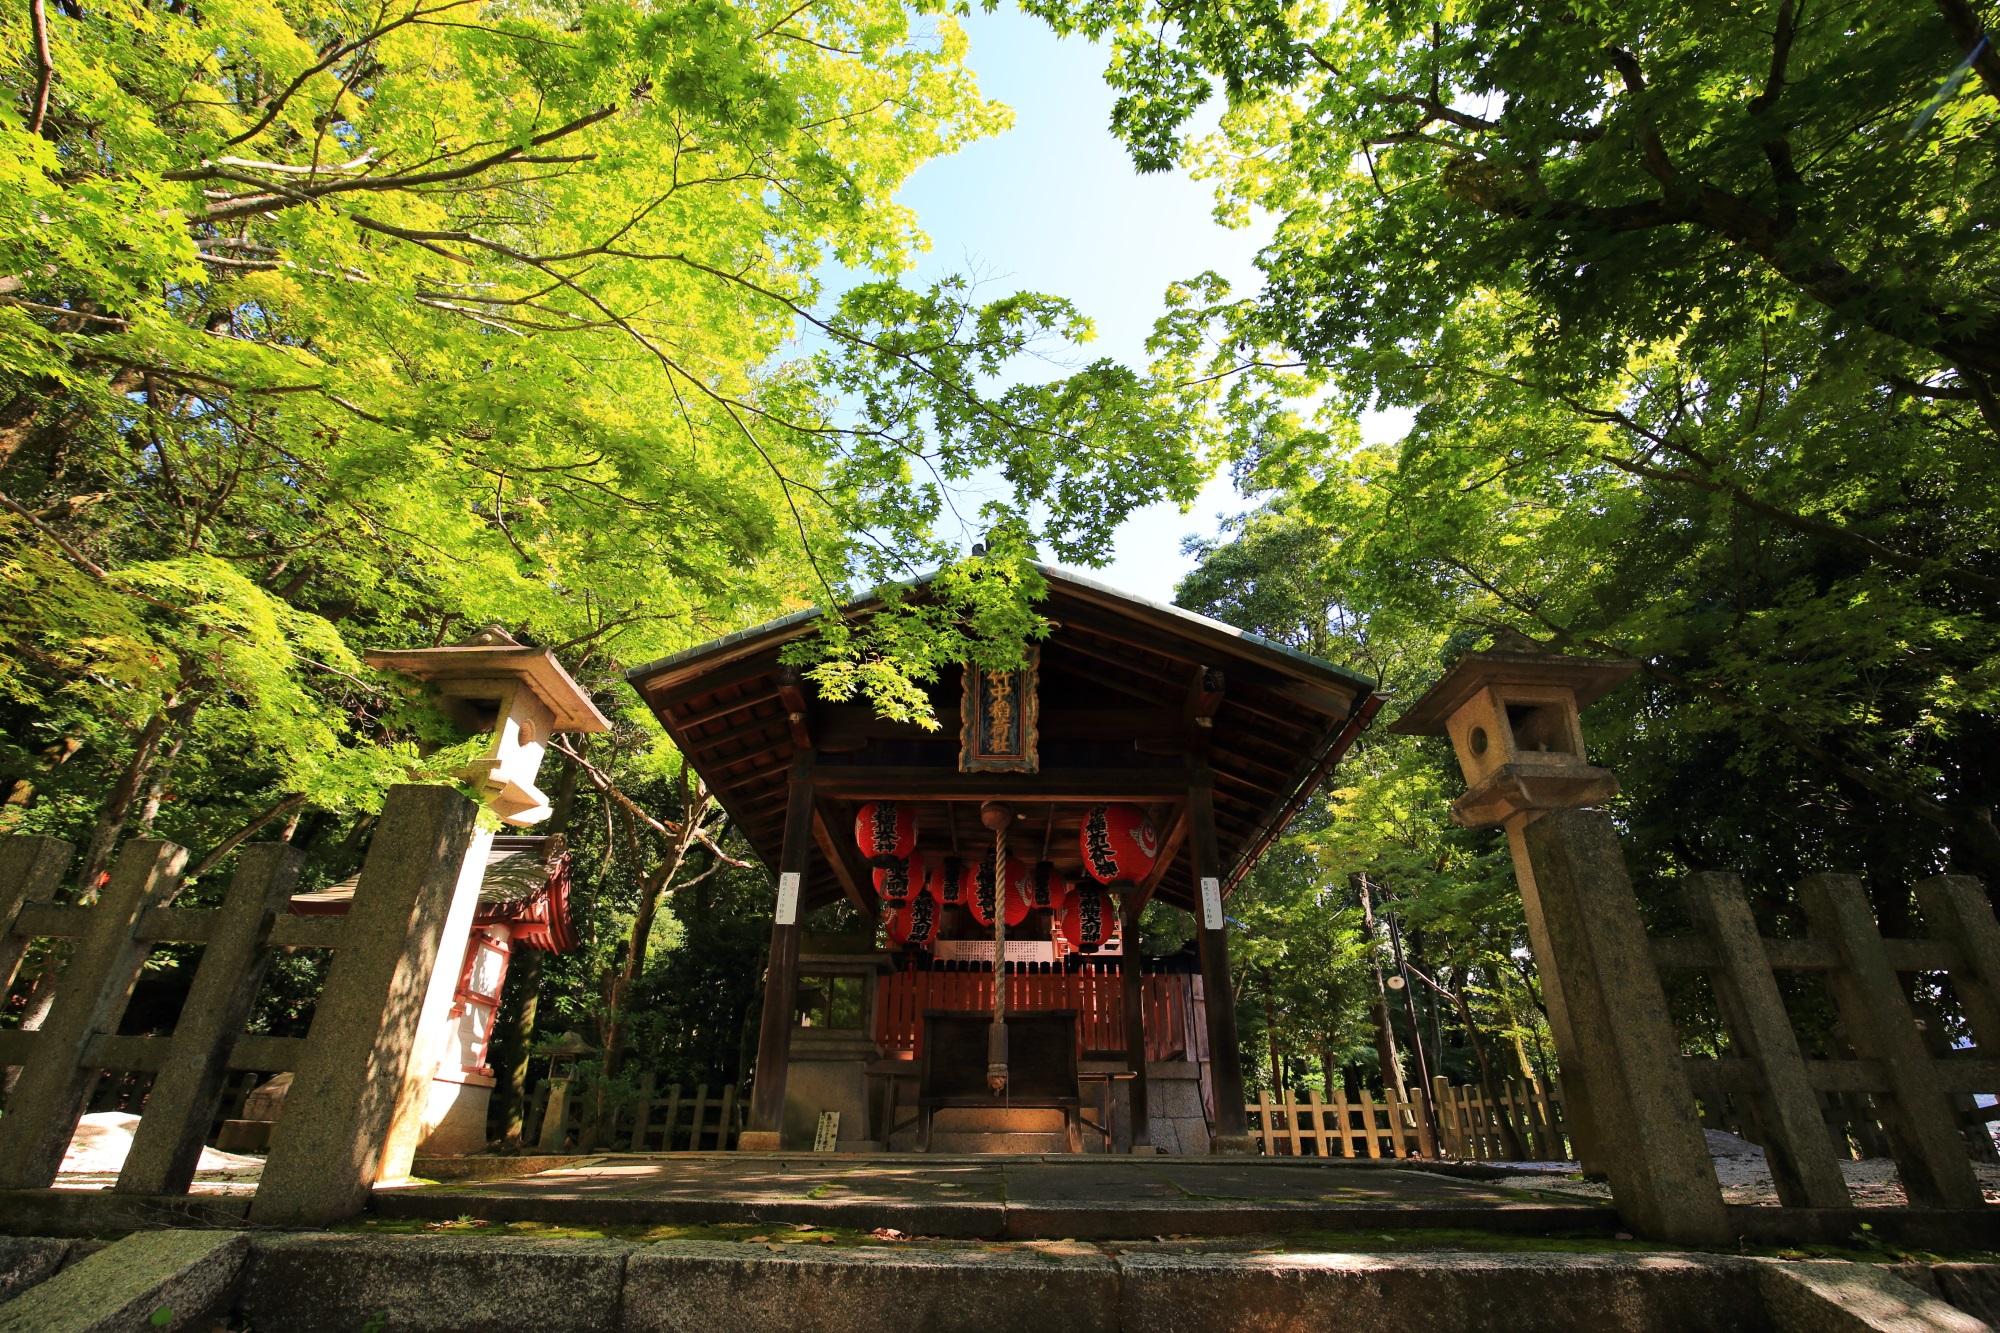 眩しい緑の中に静かに鎮座する竹中稲荷神社の本殿